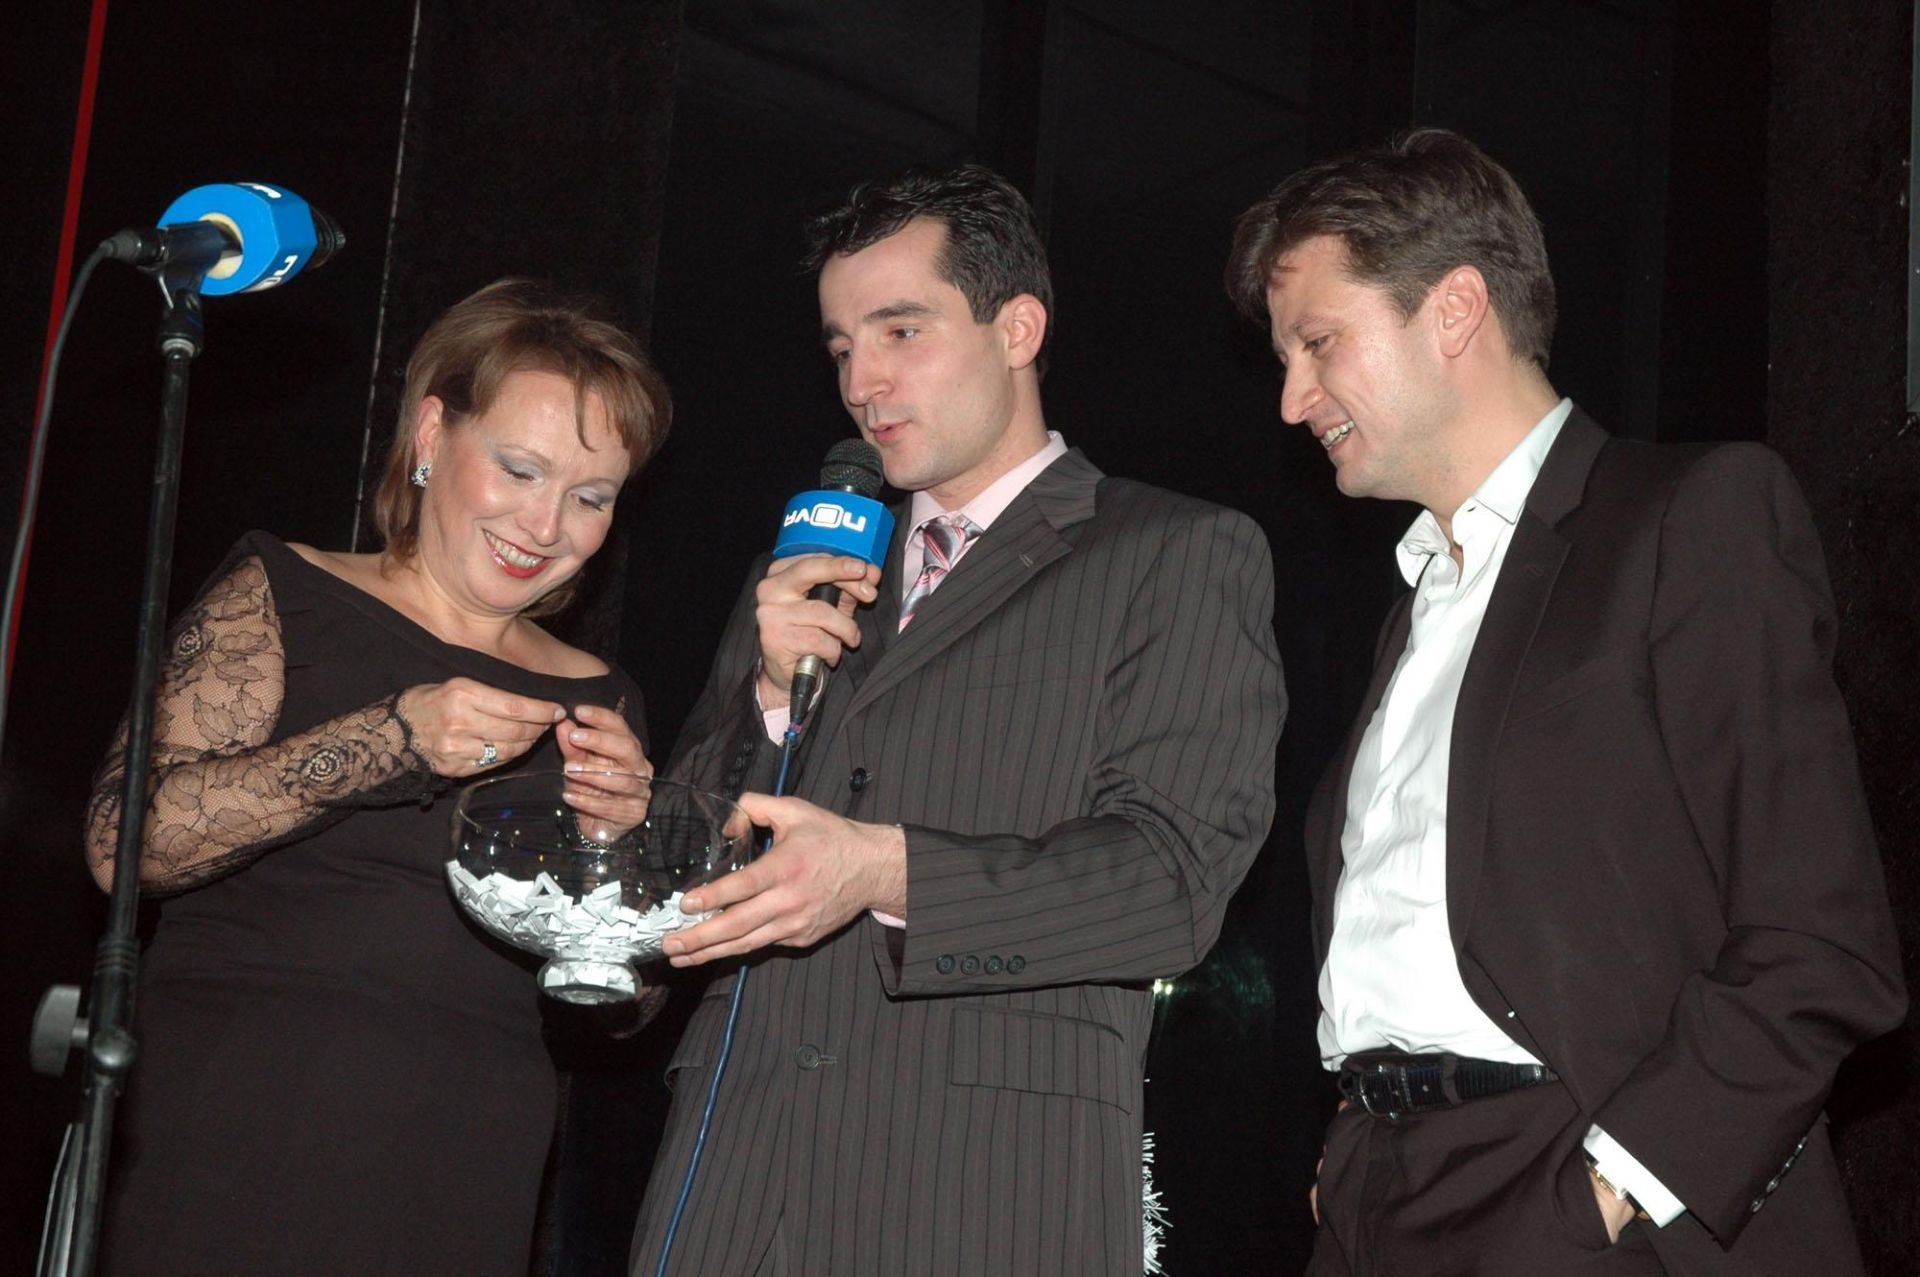 16 декември 2006 г. - Силва Зурлева тегли късмети на коледното парти на Нова телевизия с тогавашния изпълнителен директор Павел Станчев (вдясно)